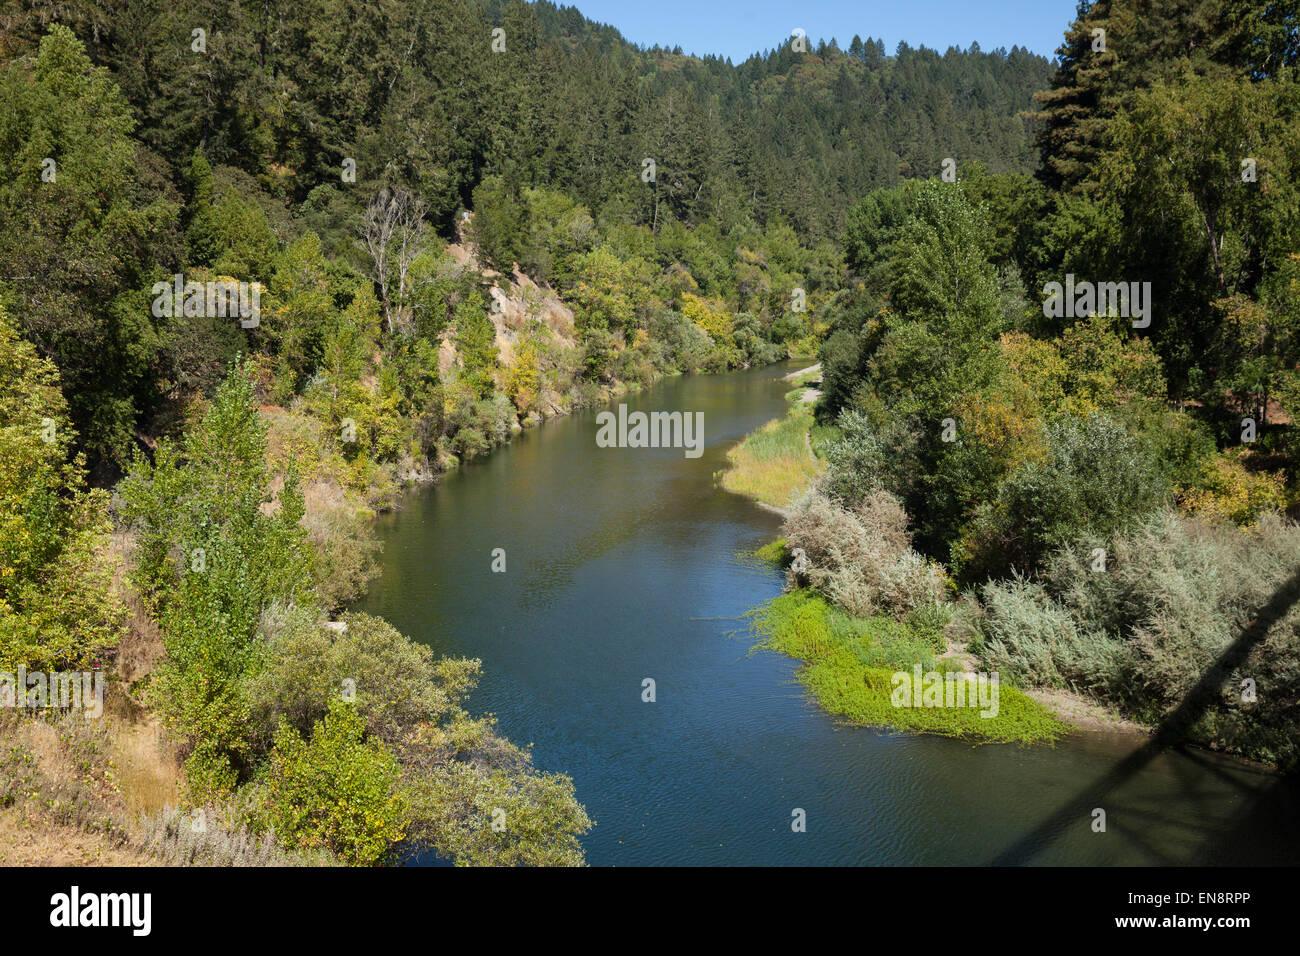 El Russian River visto desde un puente cerca de Guernville en el norte de California. Imagen De Stock